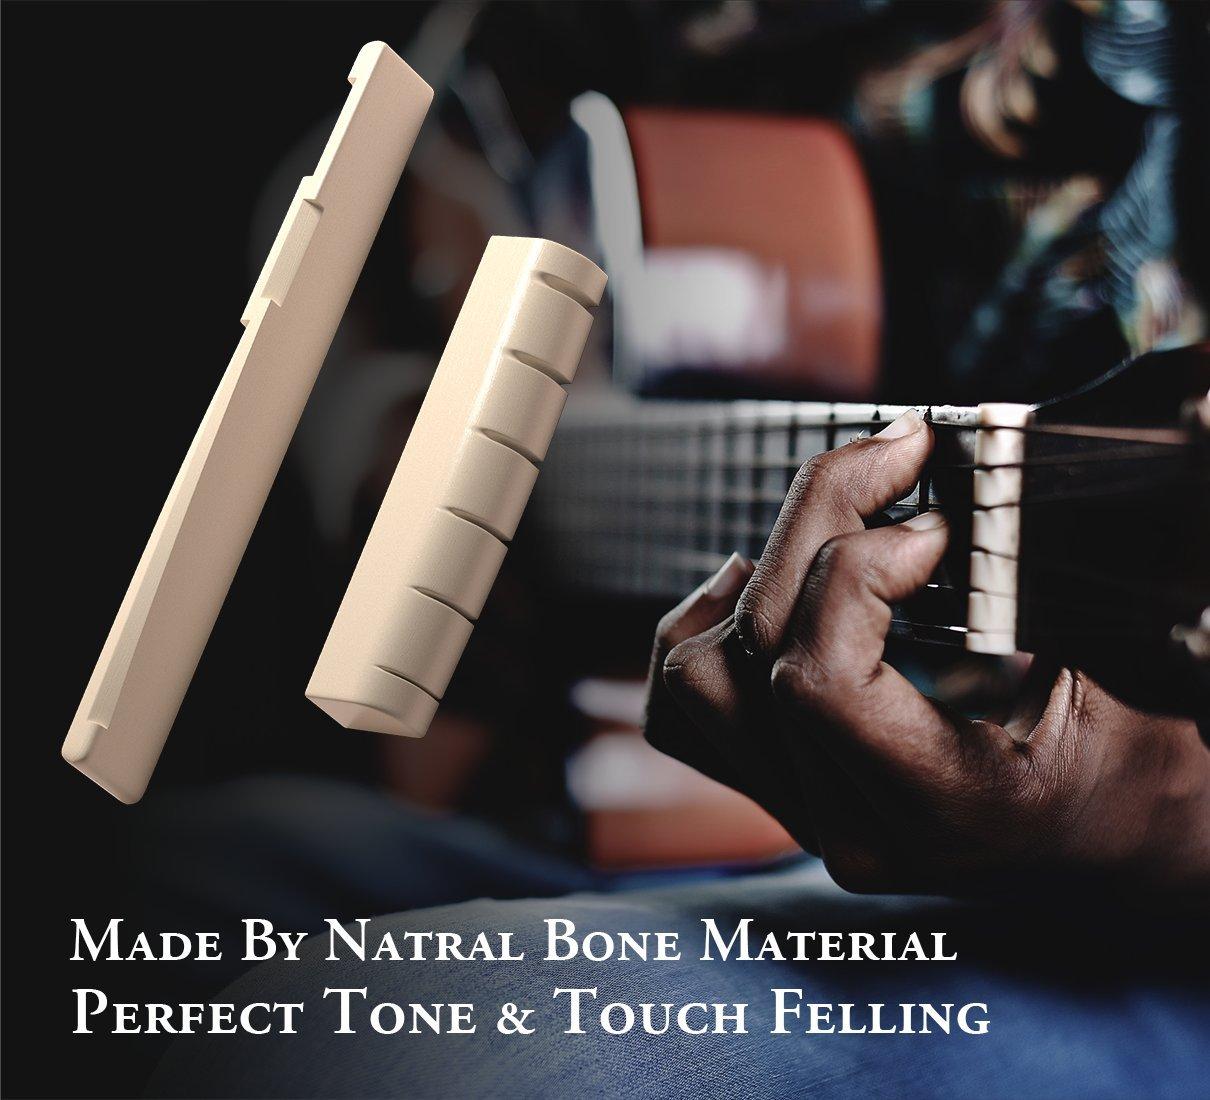 Kit de selleta y cejuela de hueso natural para guitarra, de Gibot, incluye hojas de lija y 13 limas de acero inoxidable de distintos tamaños para guitarra, ...